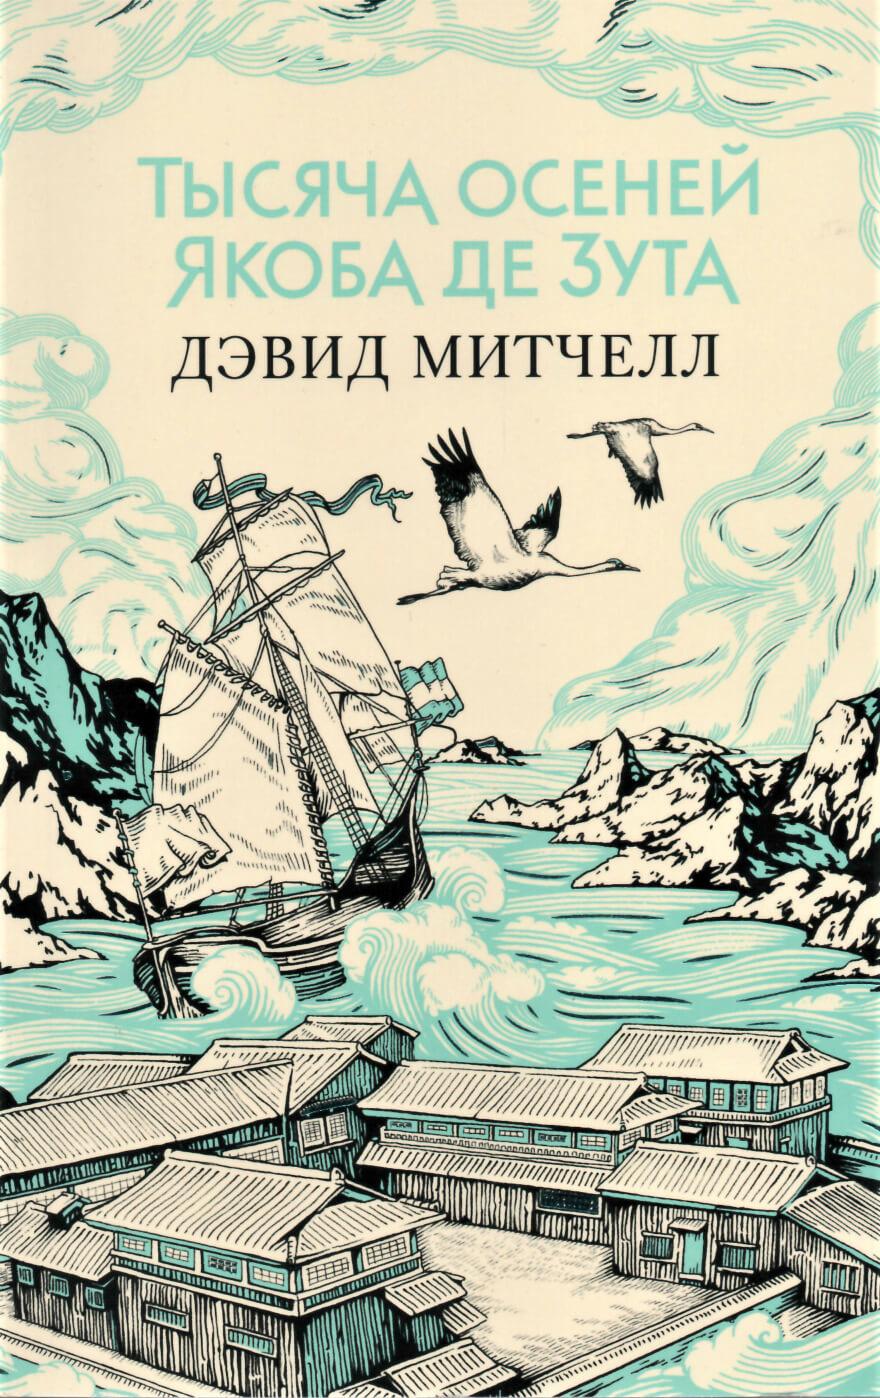 Тысяча осеней Якоба де Зута. Автор — Дэвид Митчелл. Переплет —